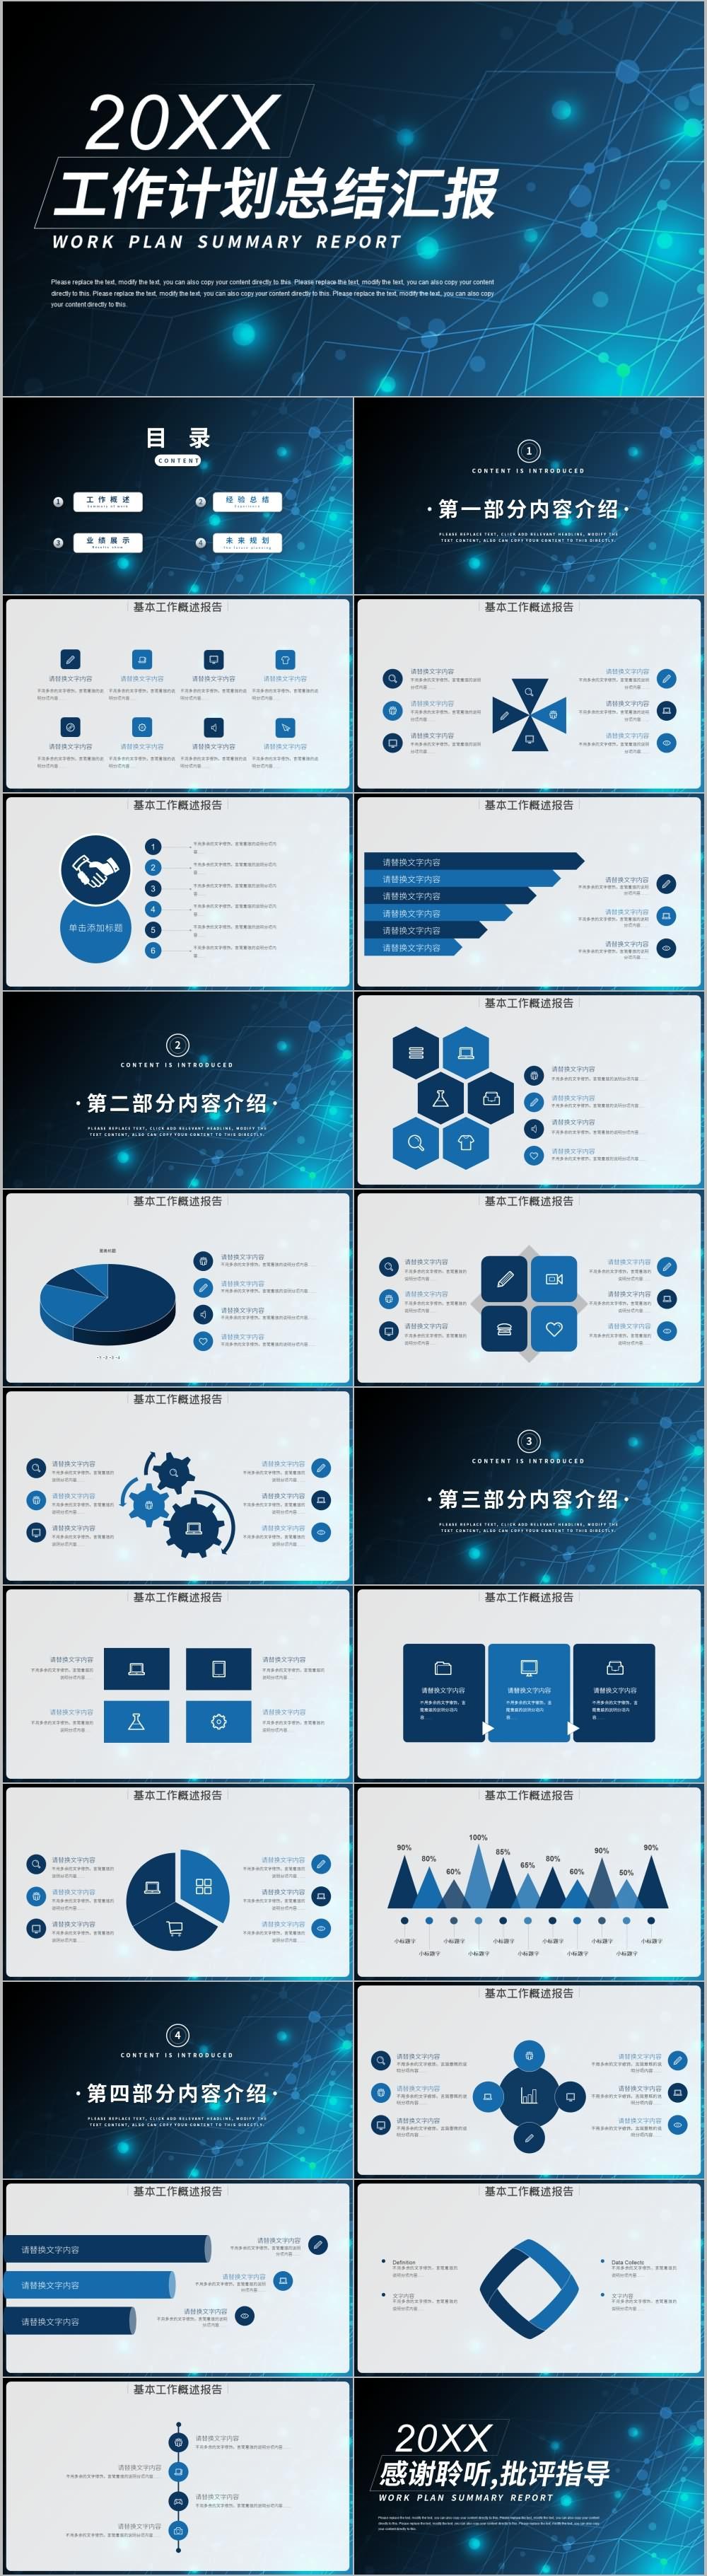 蓝色科技背景简约工作计划总结汇报PPT模版